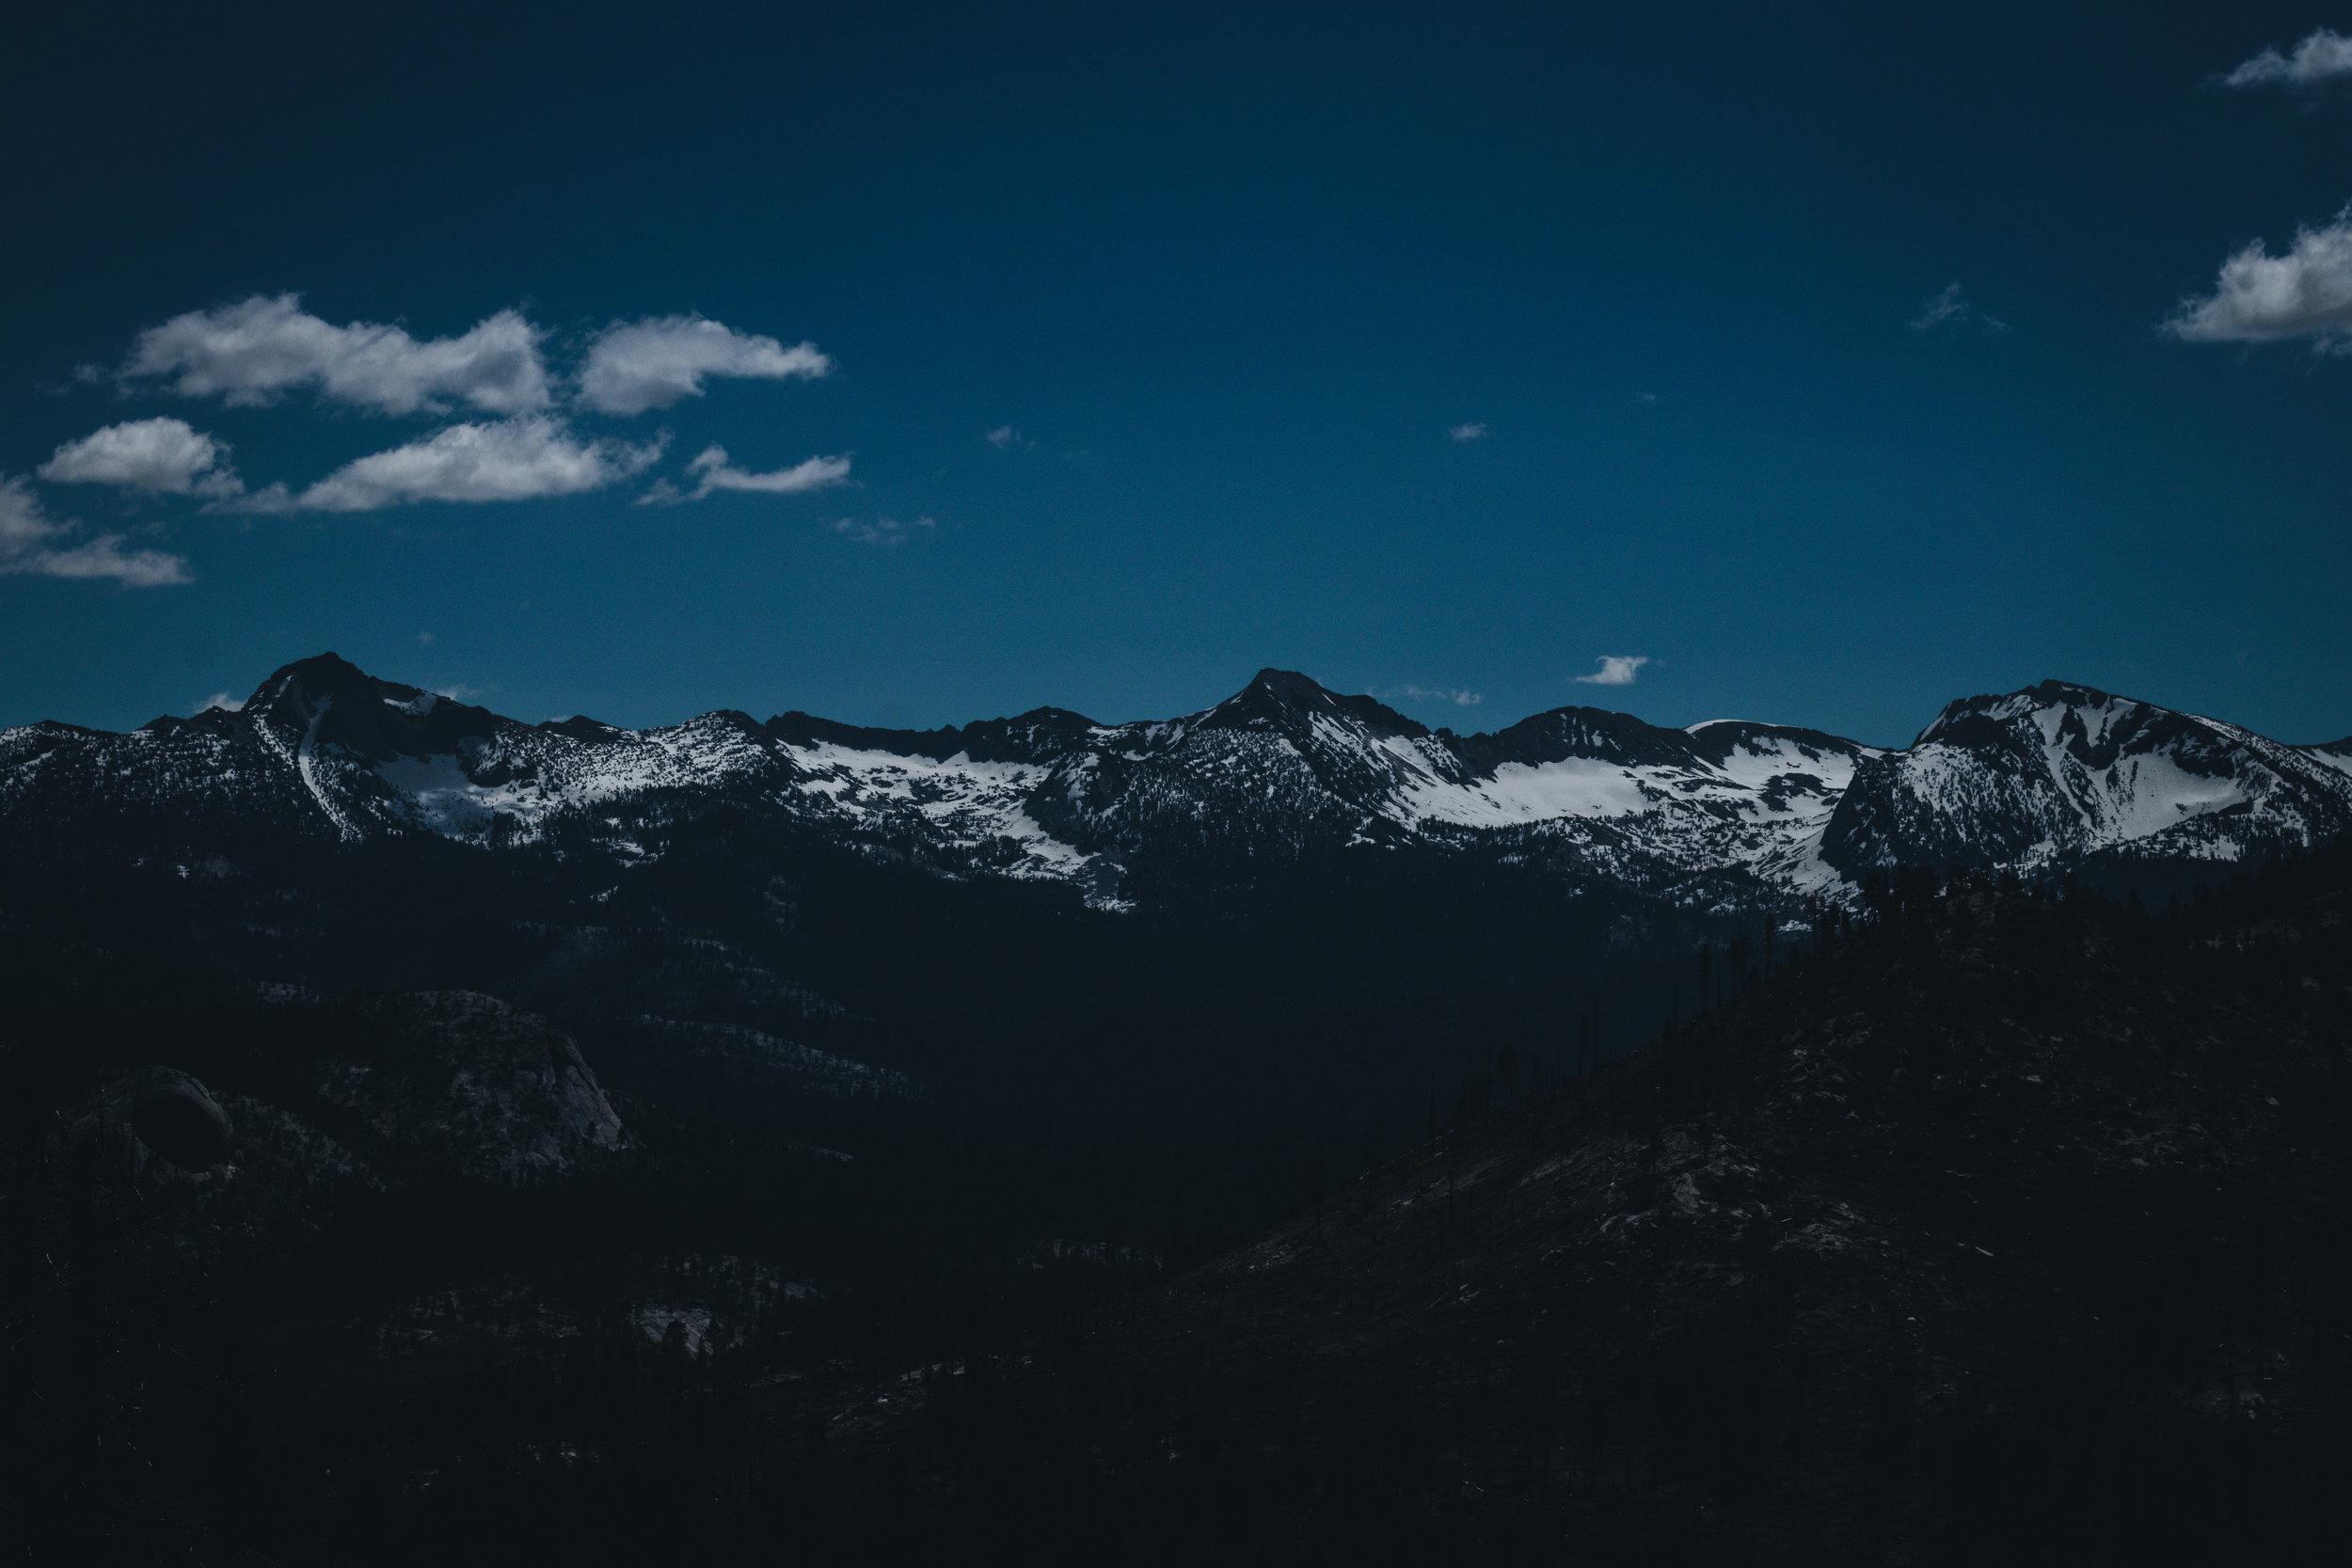 Mountains Yosemite - Herschl.jpg